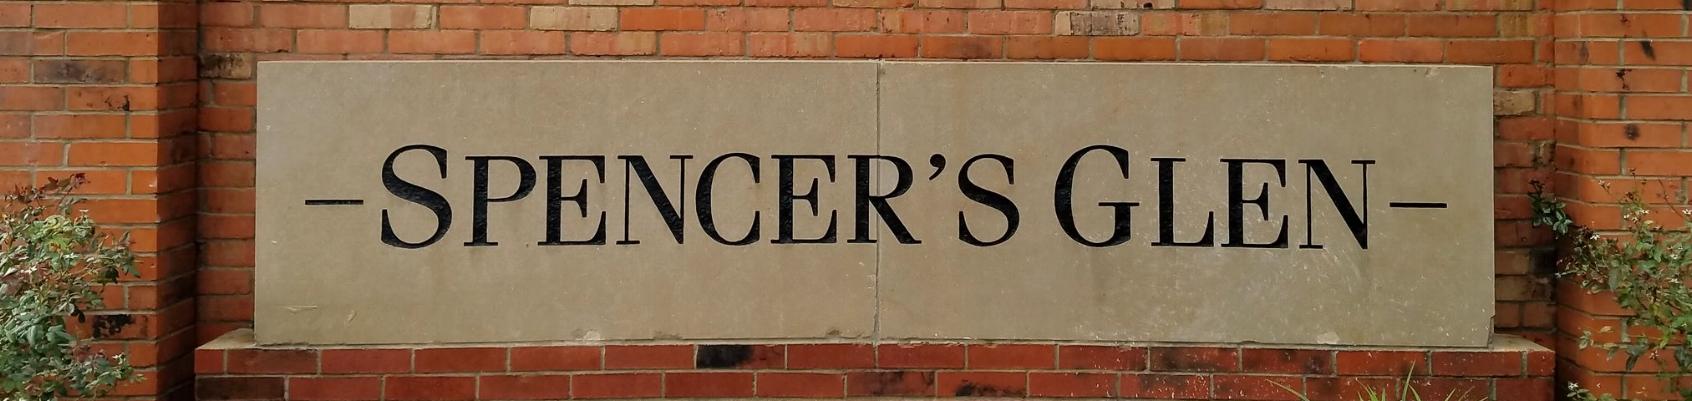 69_Spencers Glen.jpg